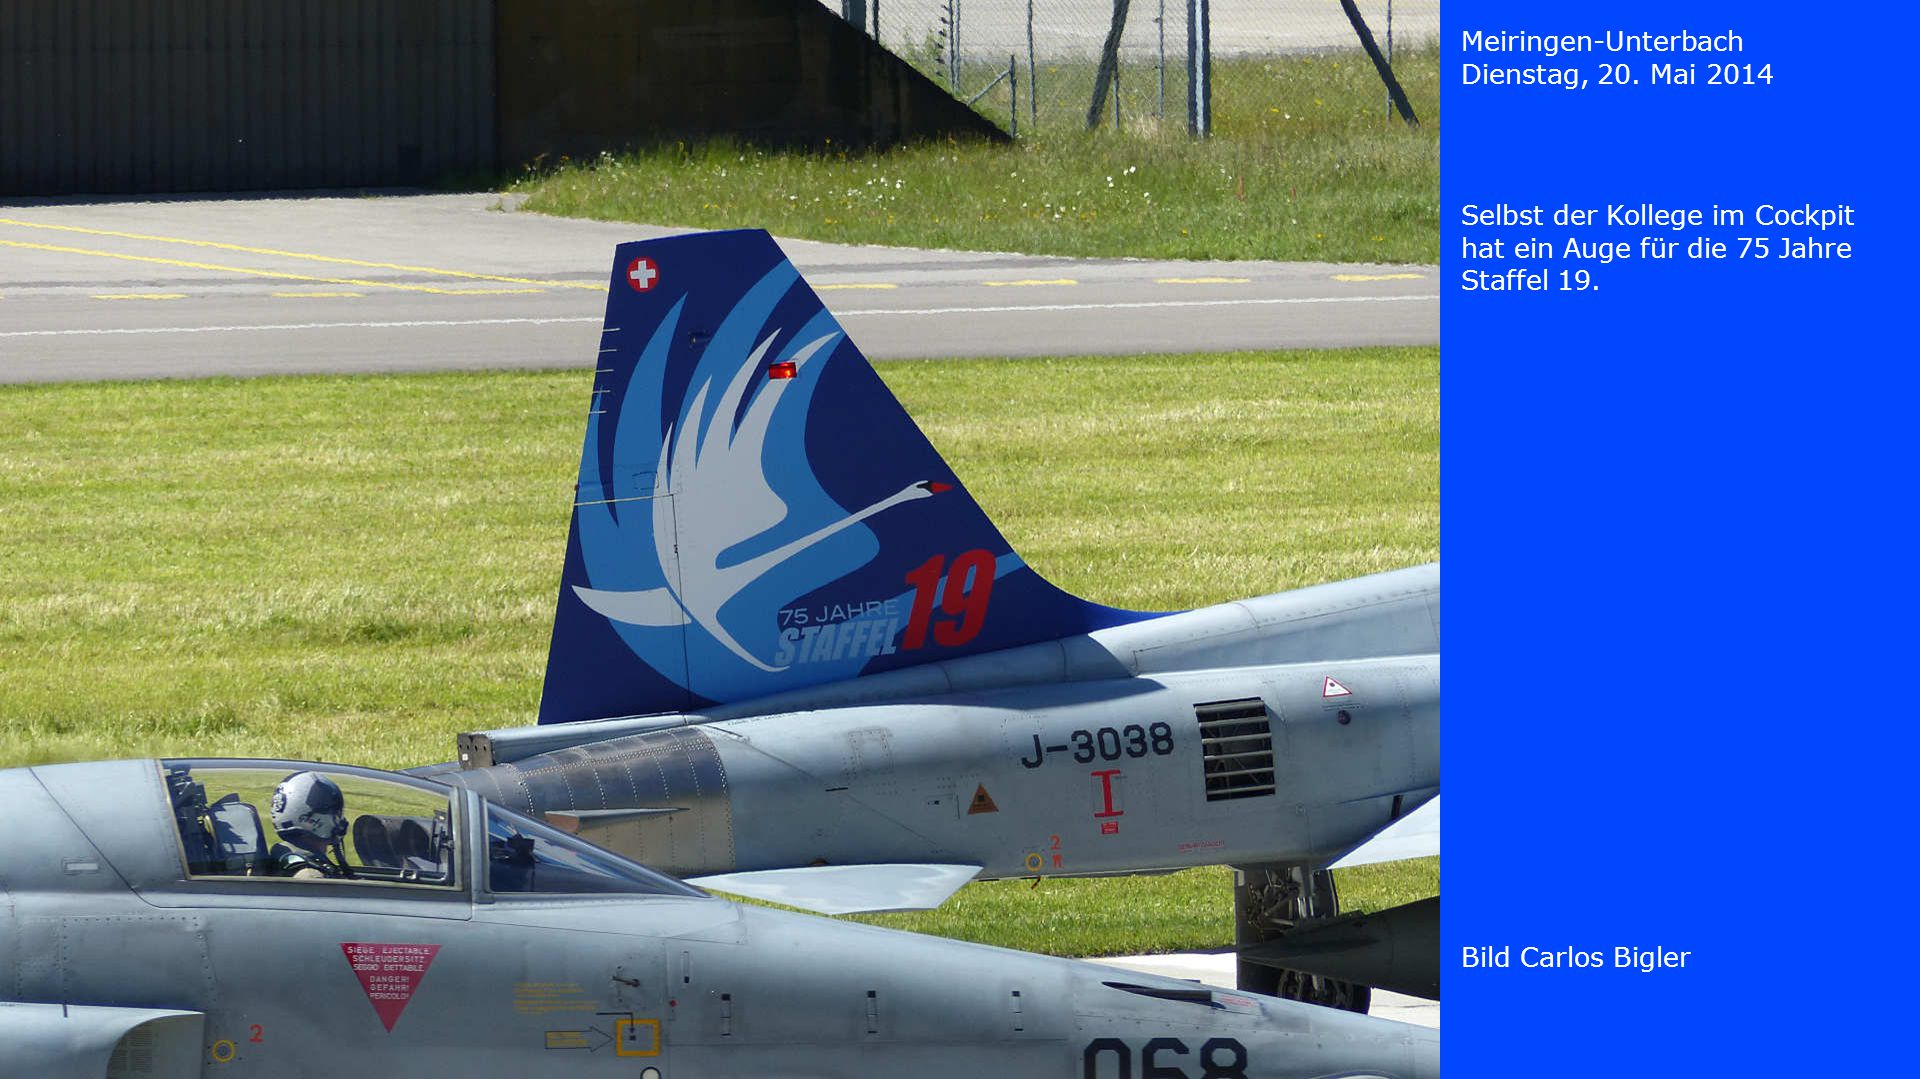 Meiringen-Unterbach Dienstag, 20. Mai 2014. Selbst der Kollege im Cockpit hat ein Auge für die 75 Jahre Staffel 19.